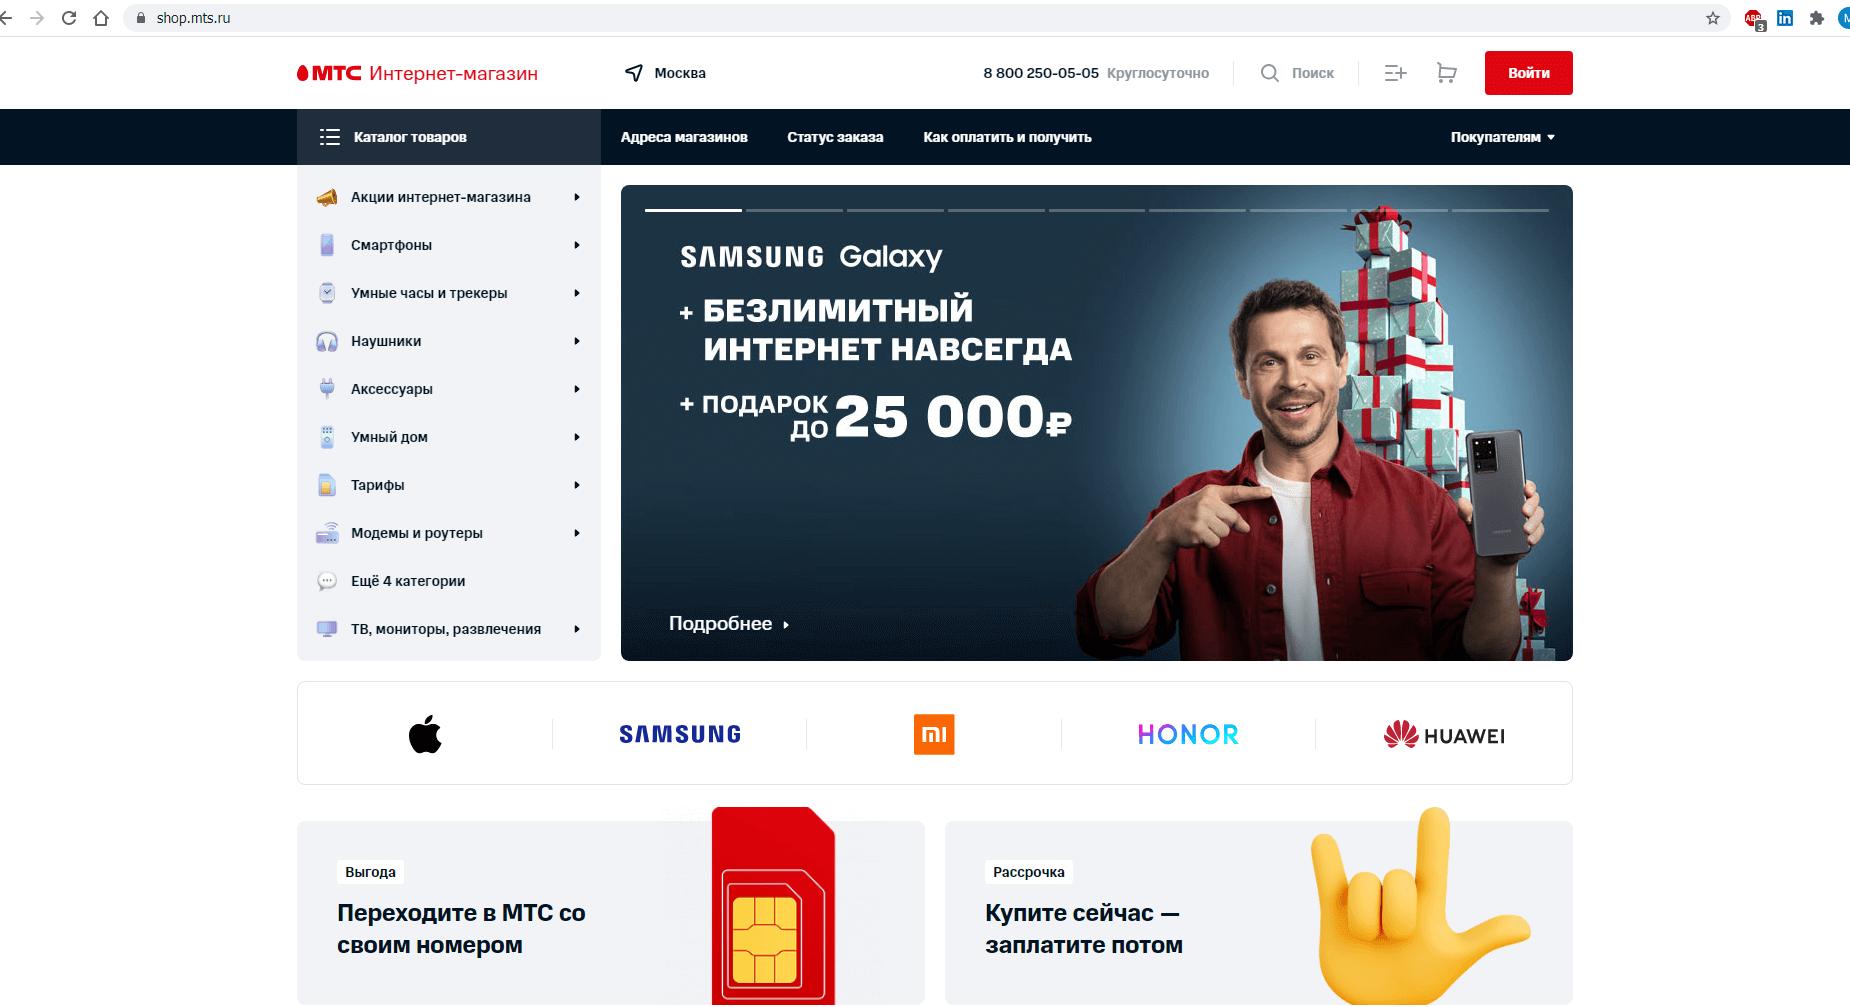 shop.mts.ru website